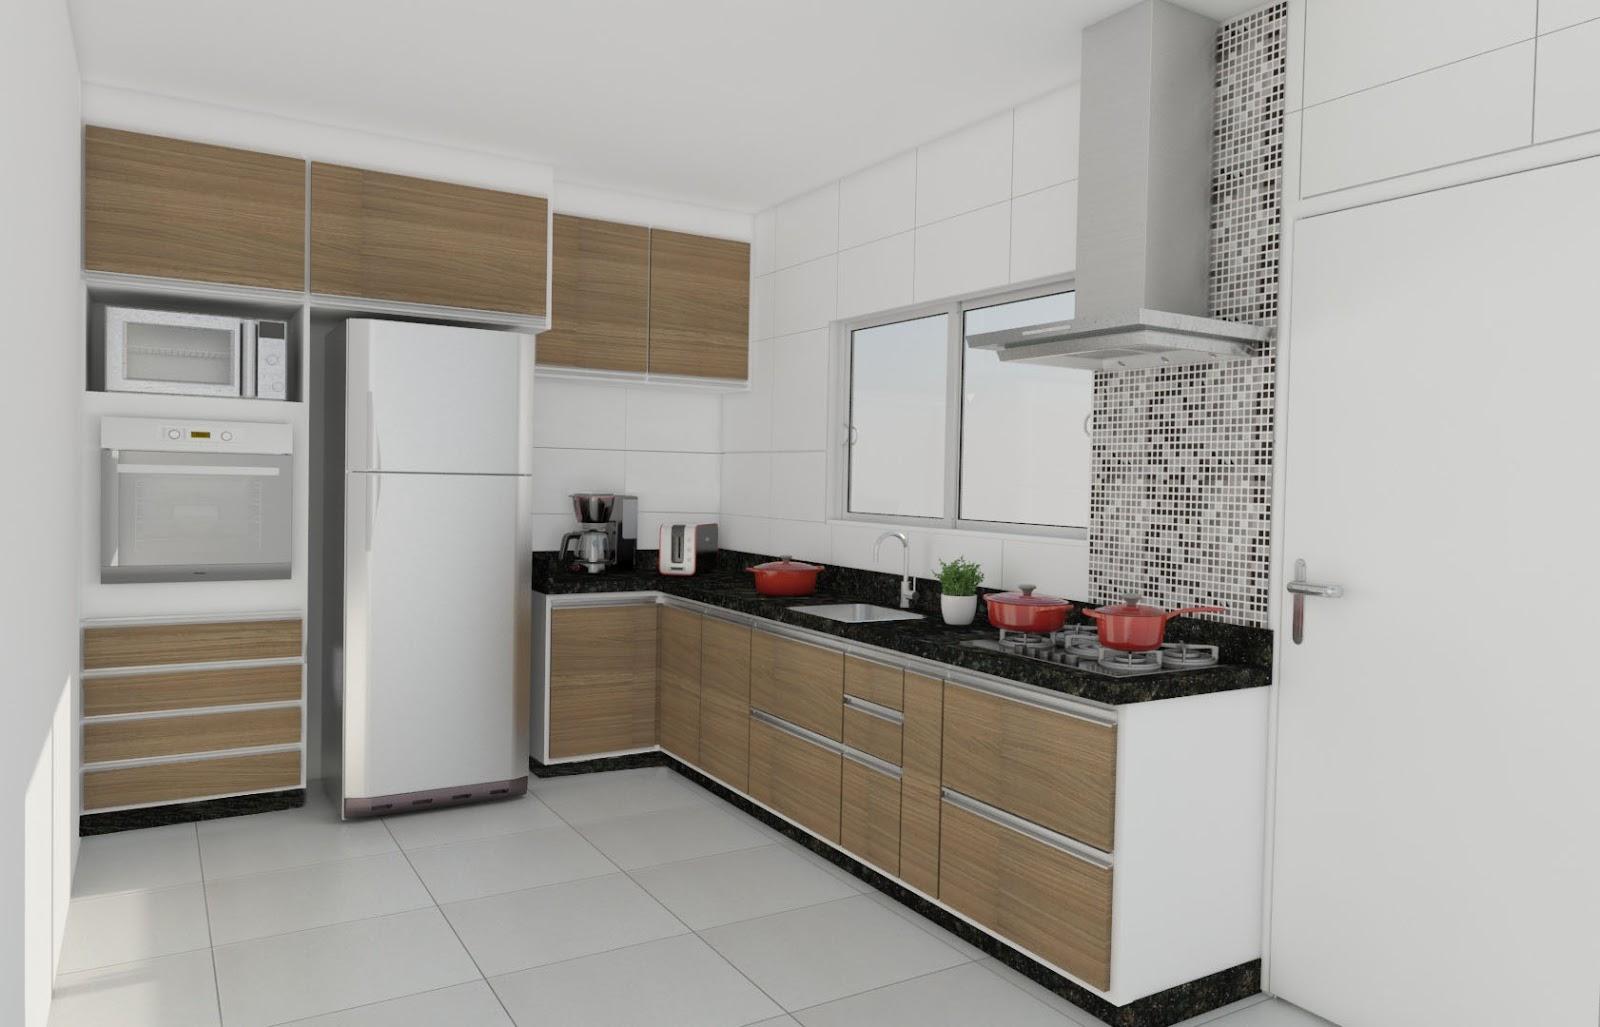 Leitora Helena! Decoração da Cozinha Pequena com Mesa e do Banheiro #6B483B 1600x1027 Banheiro Bege Com Madeira